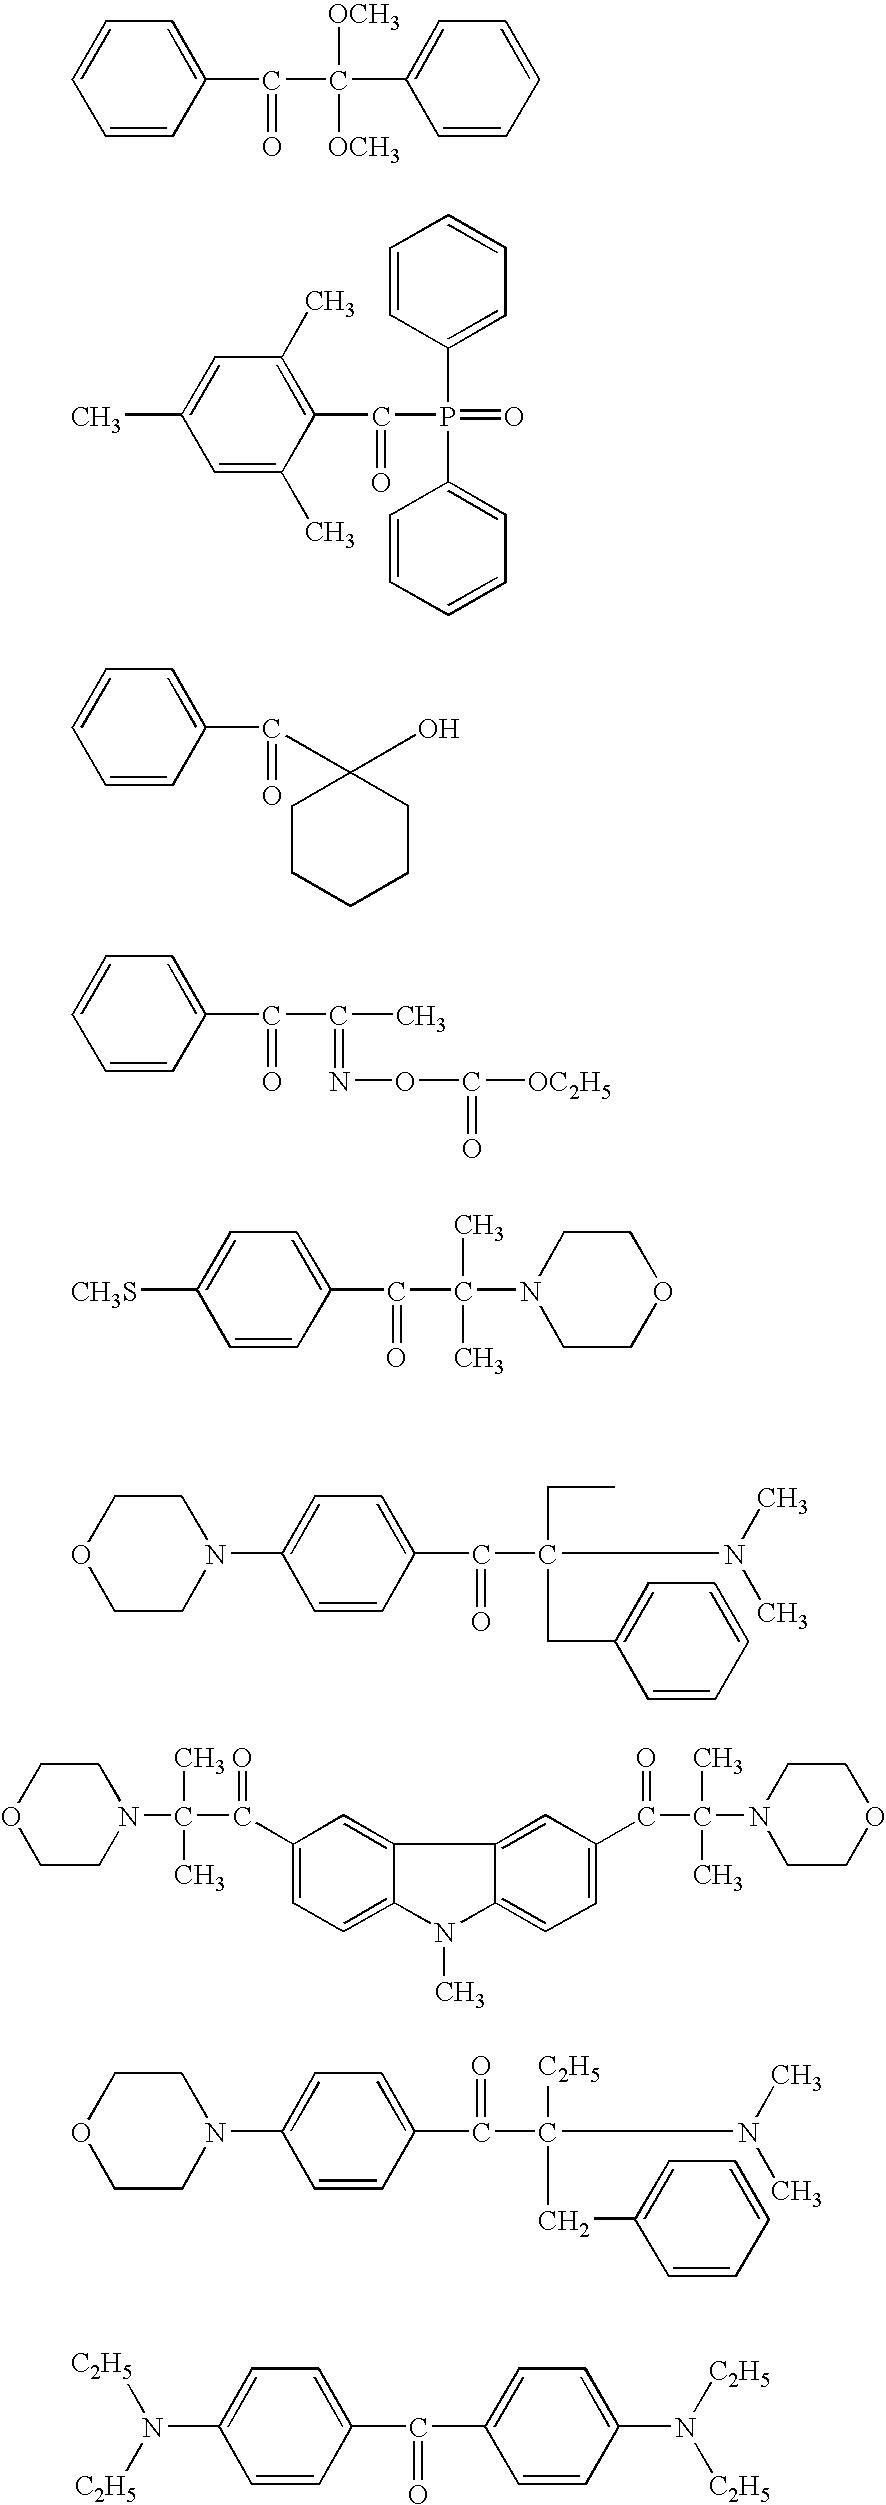 Figure US07992989-20110809-C00002